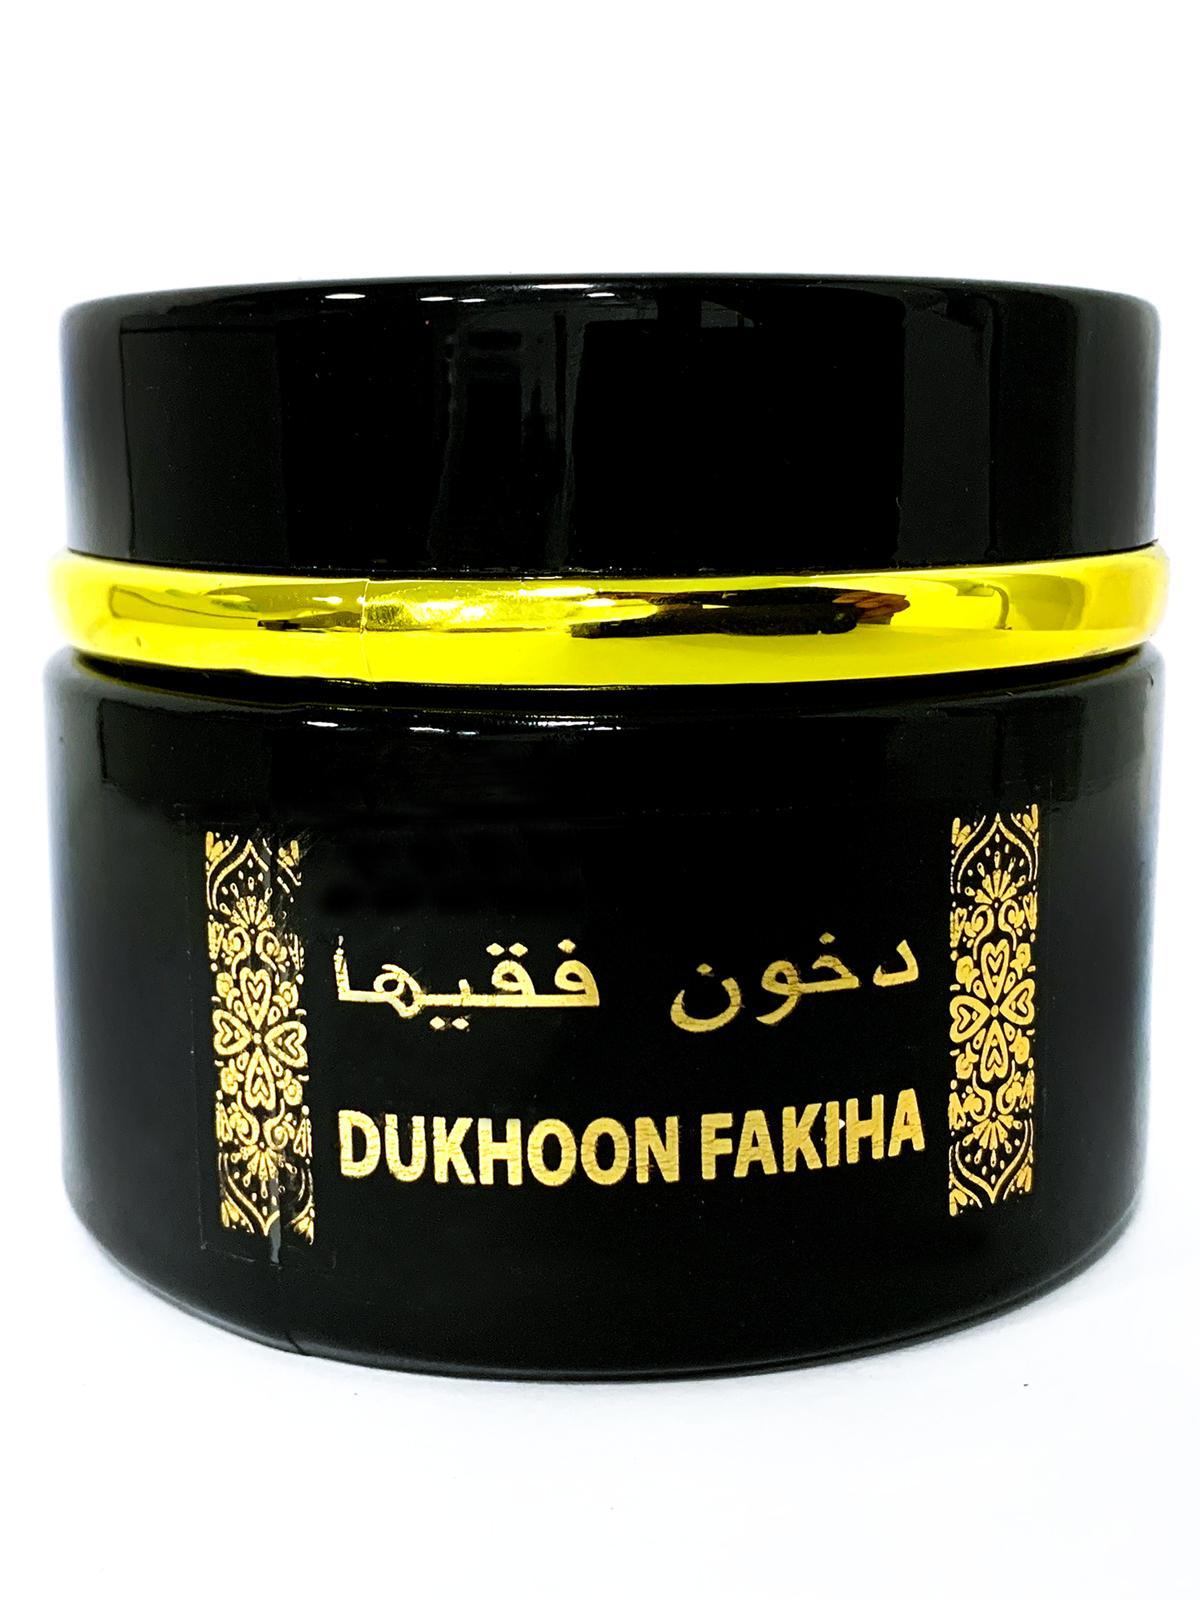 Misnad bukhoor faqiha